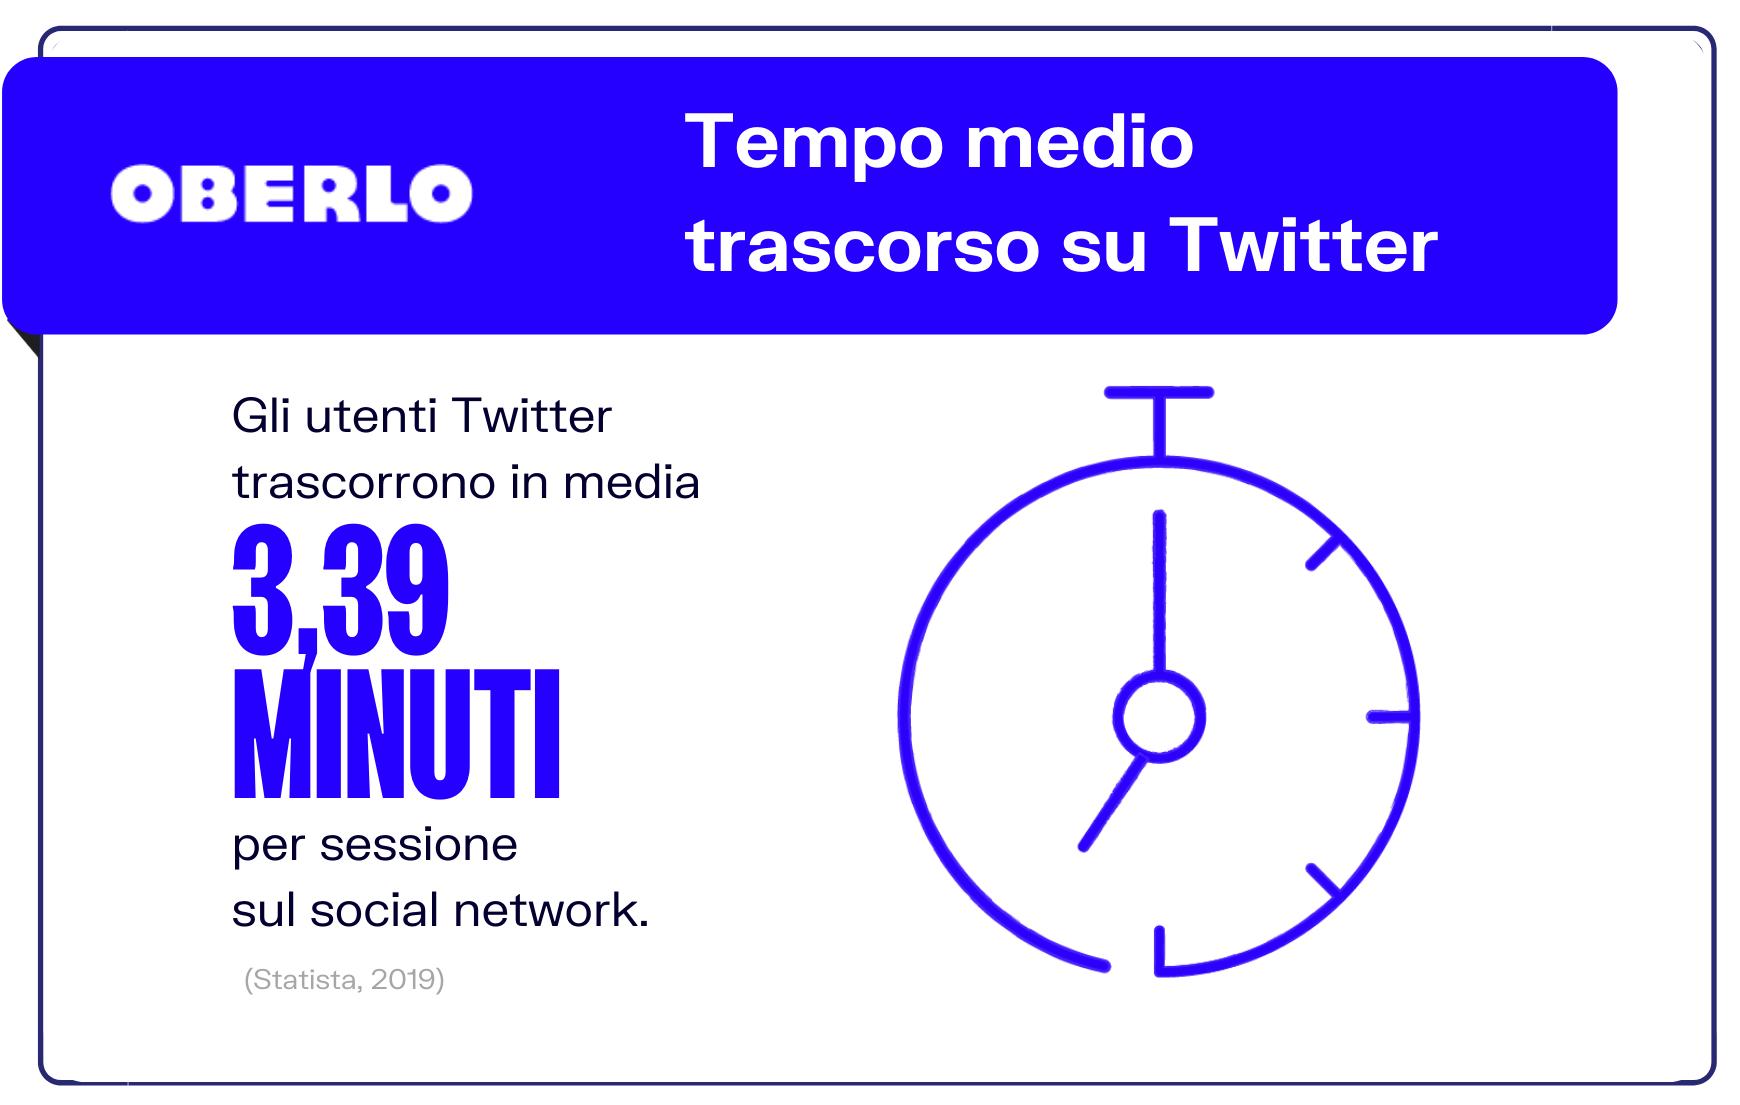 Tempo medio trascorso su Twitter